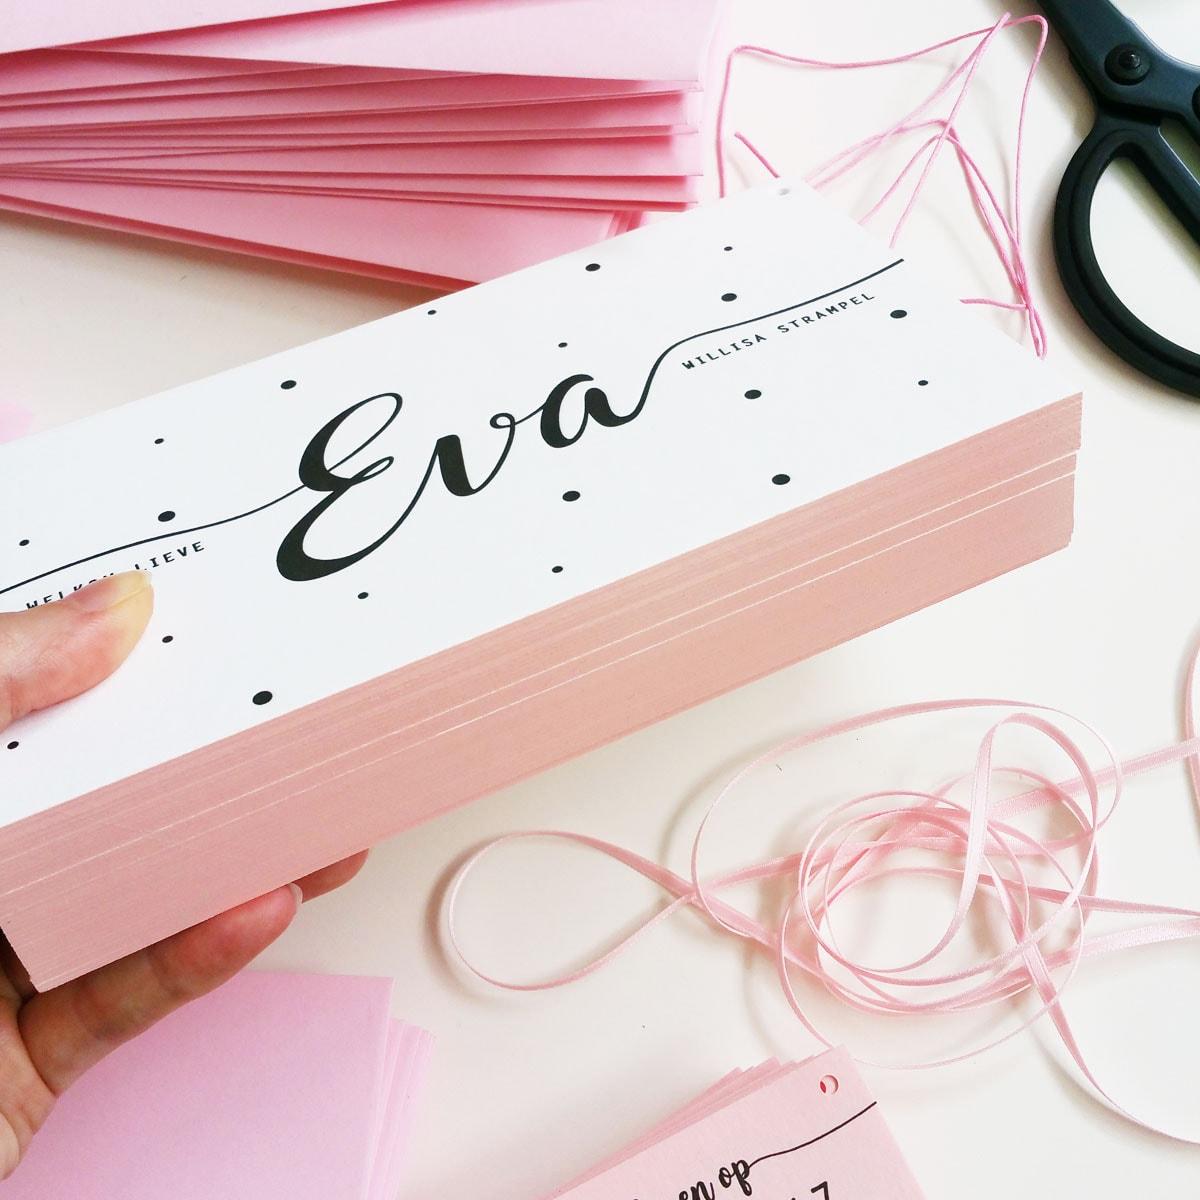 Studio Chris10 - Geboortekaartje ontwerp Eva